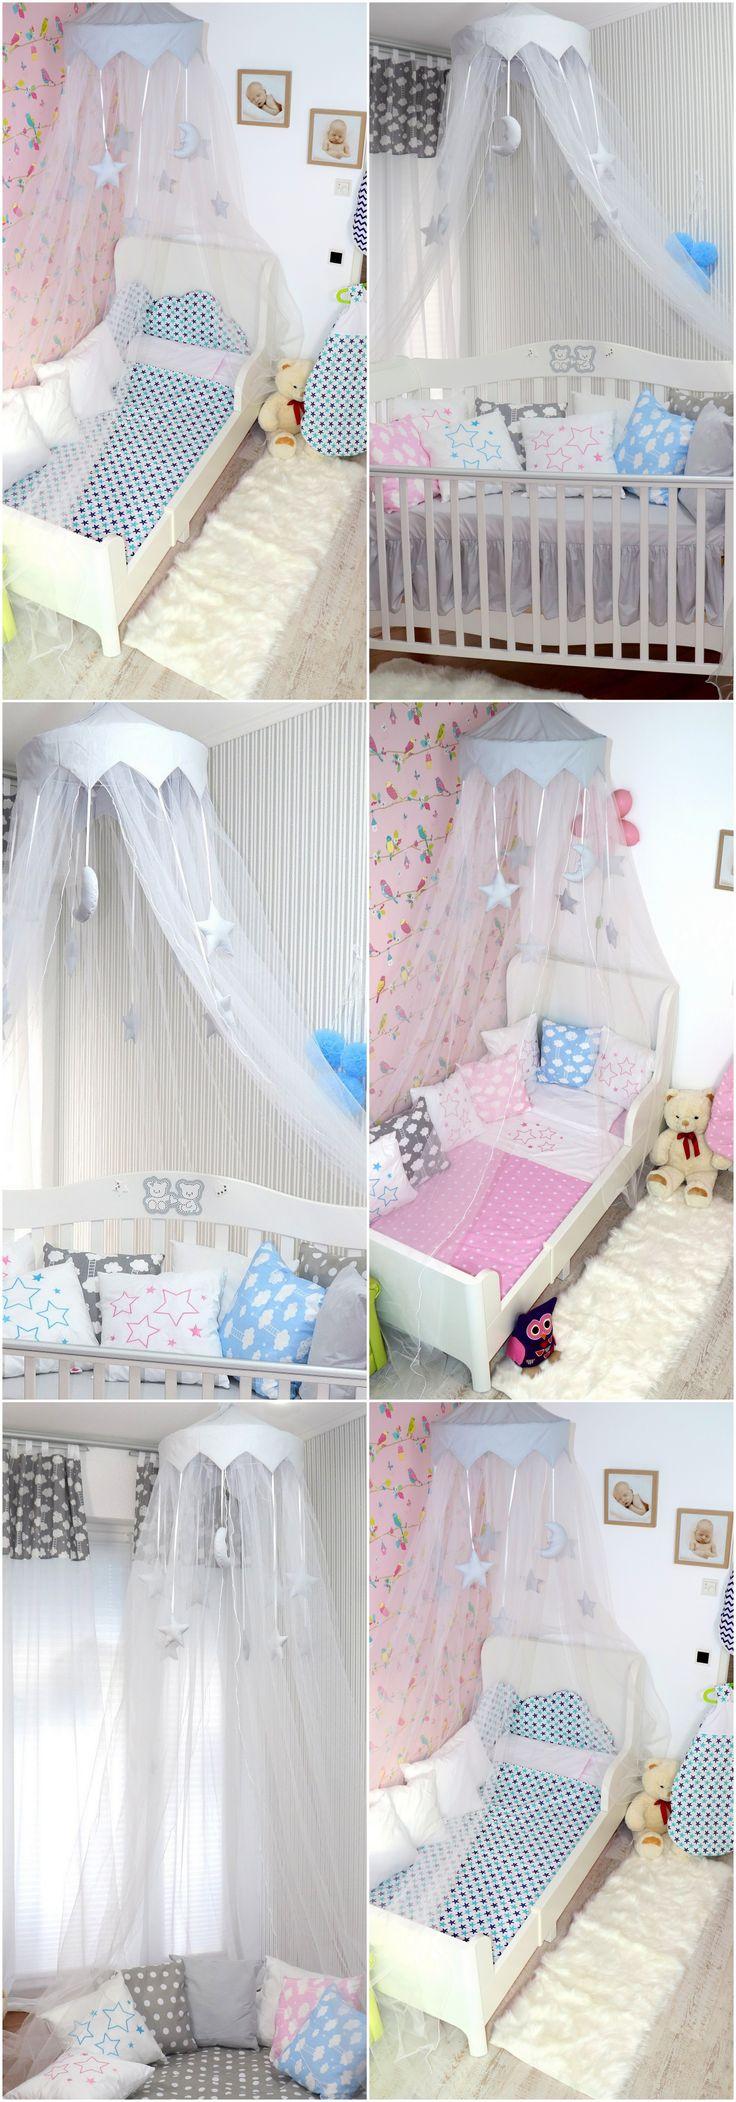 Baldachin Moskito für Baby, Kind & Co. Vielseitig einsätzbar